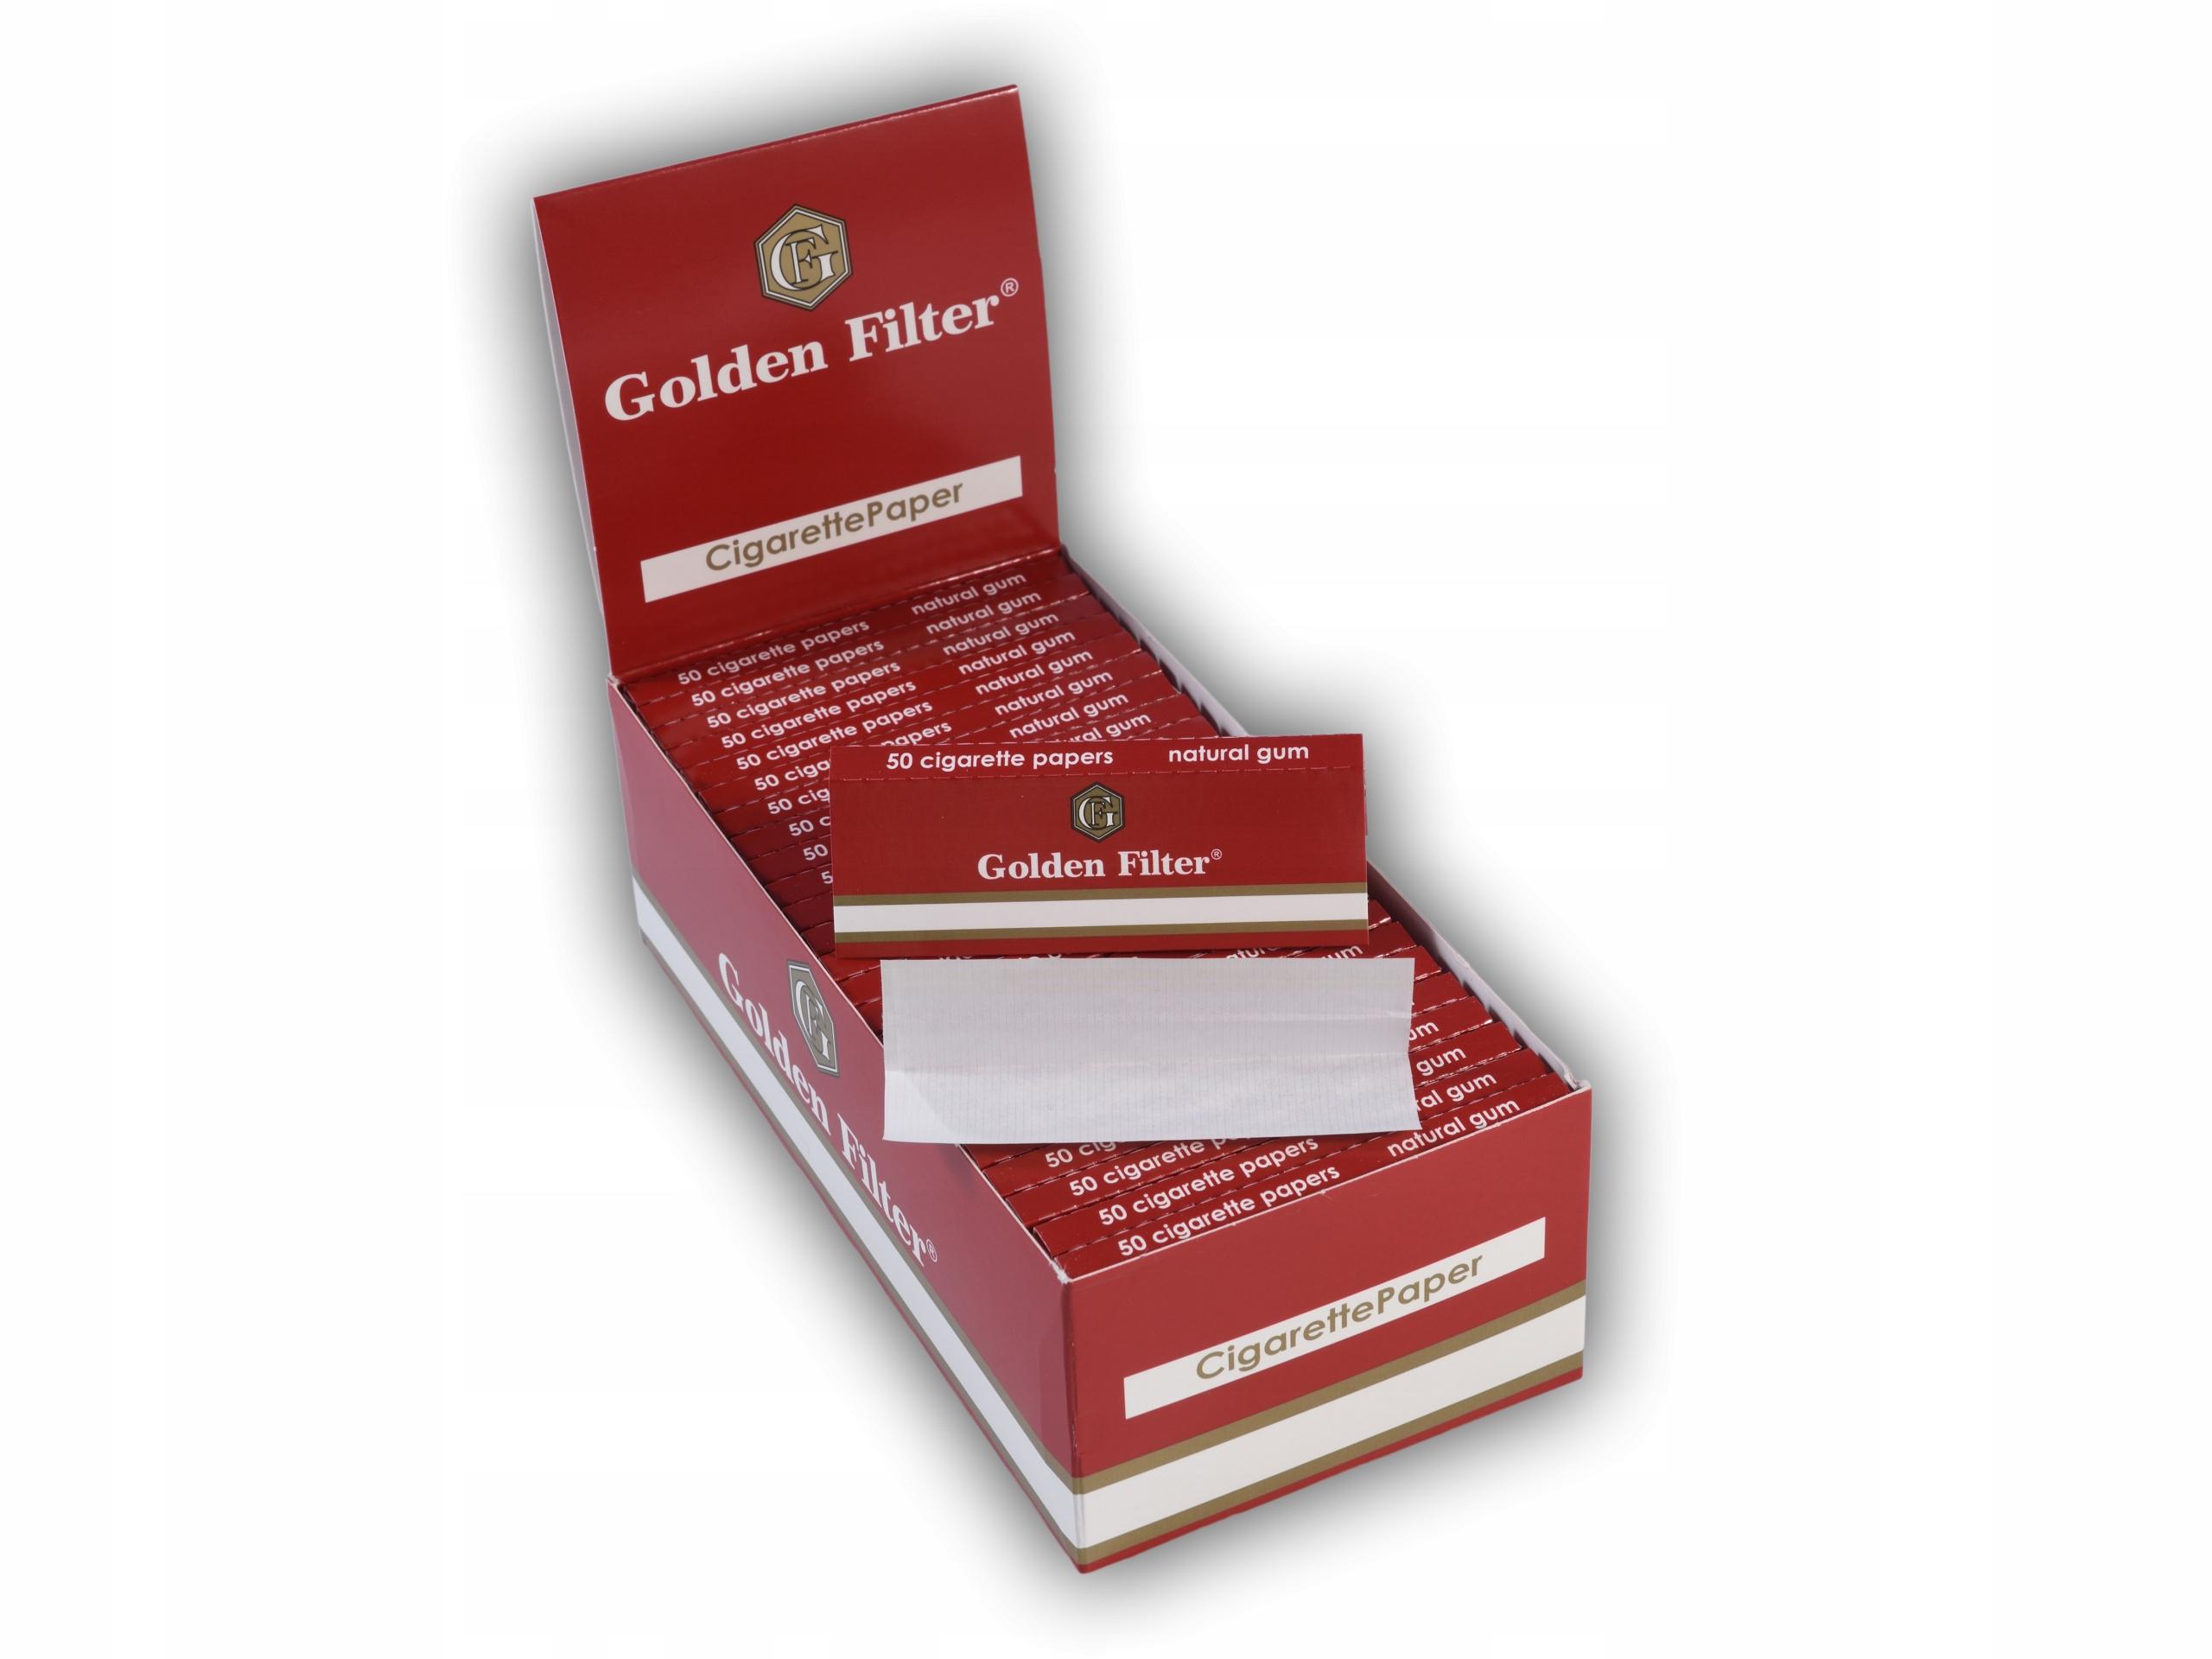 Промокашки для съемок короткометражных фильмов Golden Filter